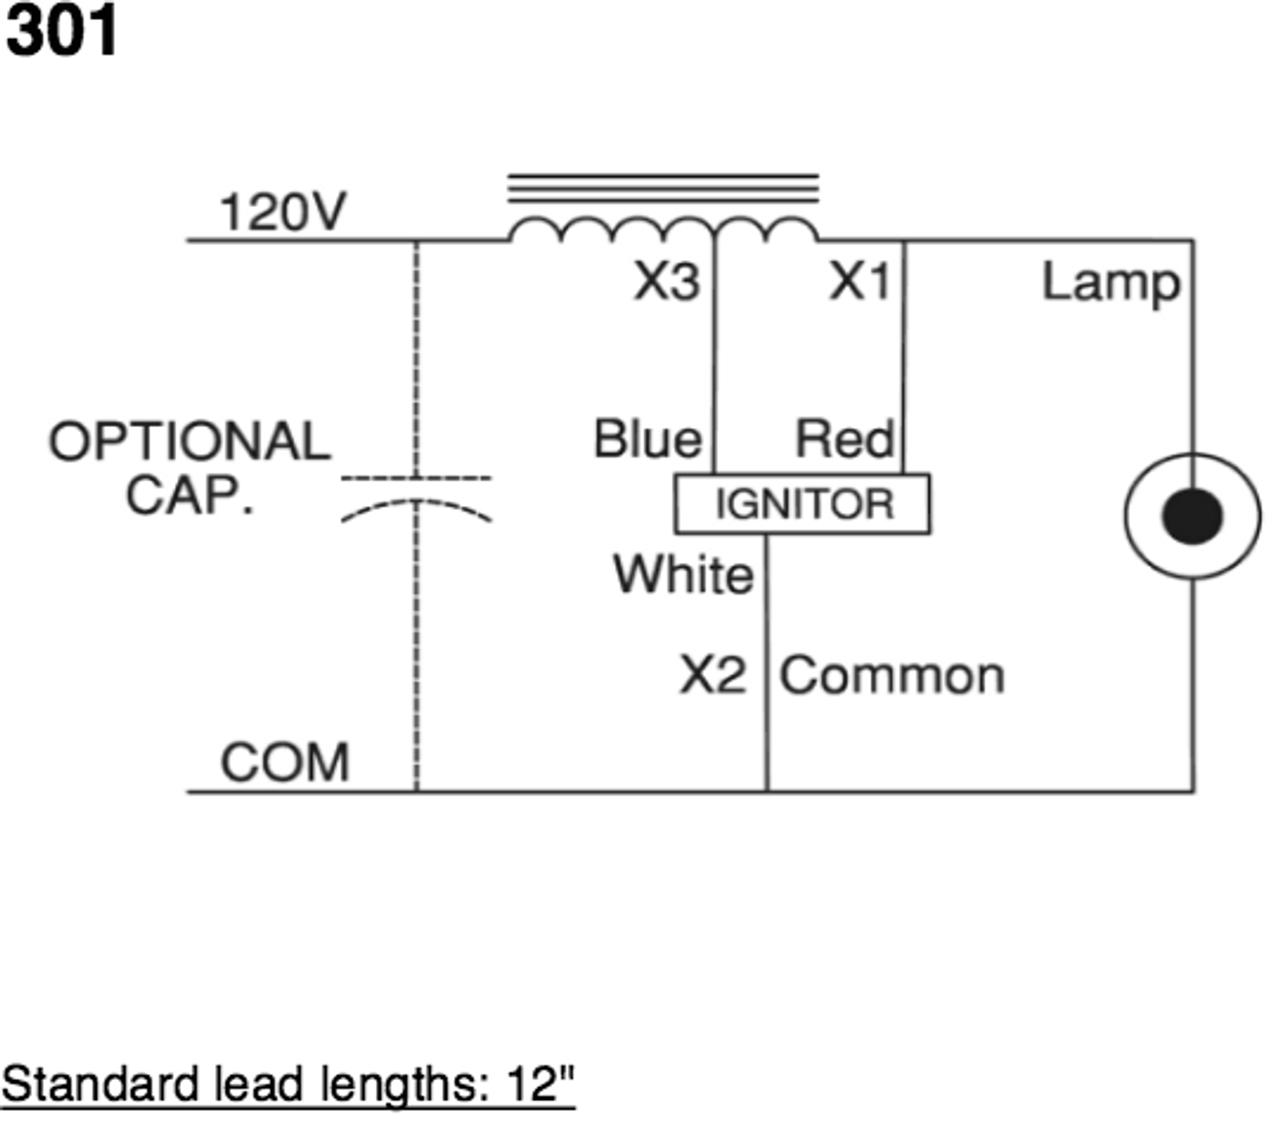 medium resolution of blu0050a04900 ballast blu0050a04900 kit blu0050a04900 wire diagram blu0050a04900 dimensions